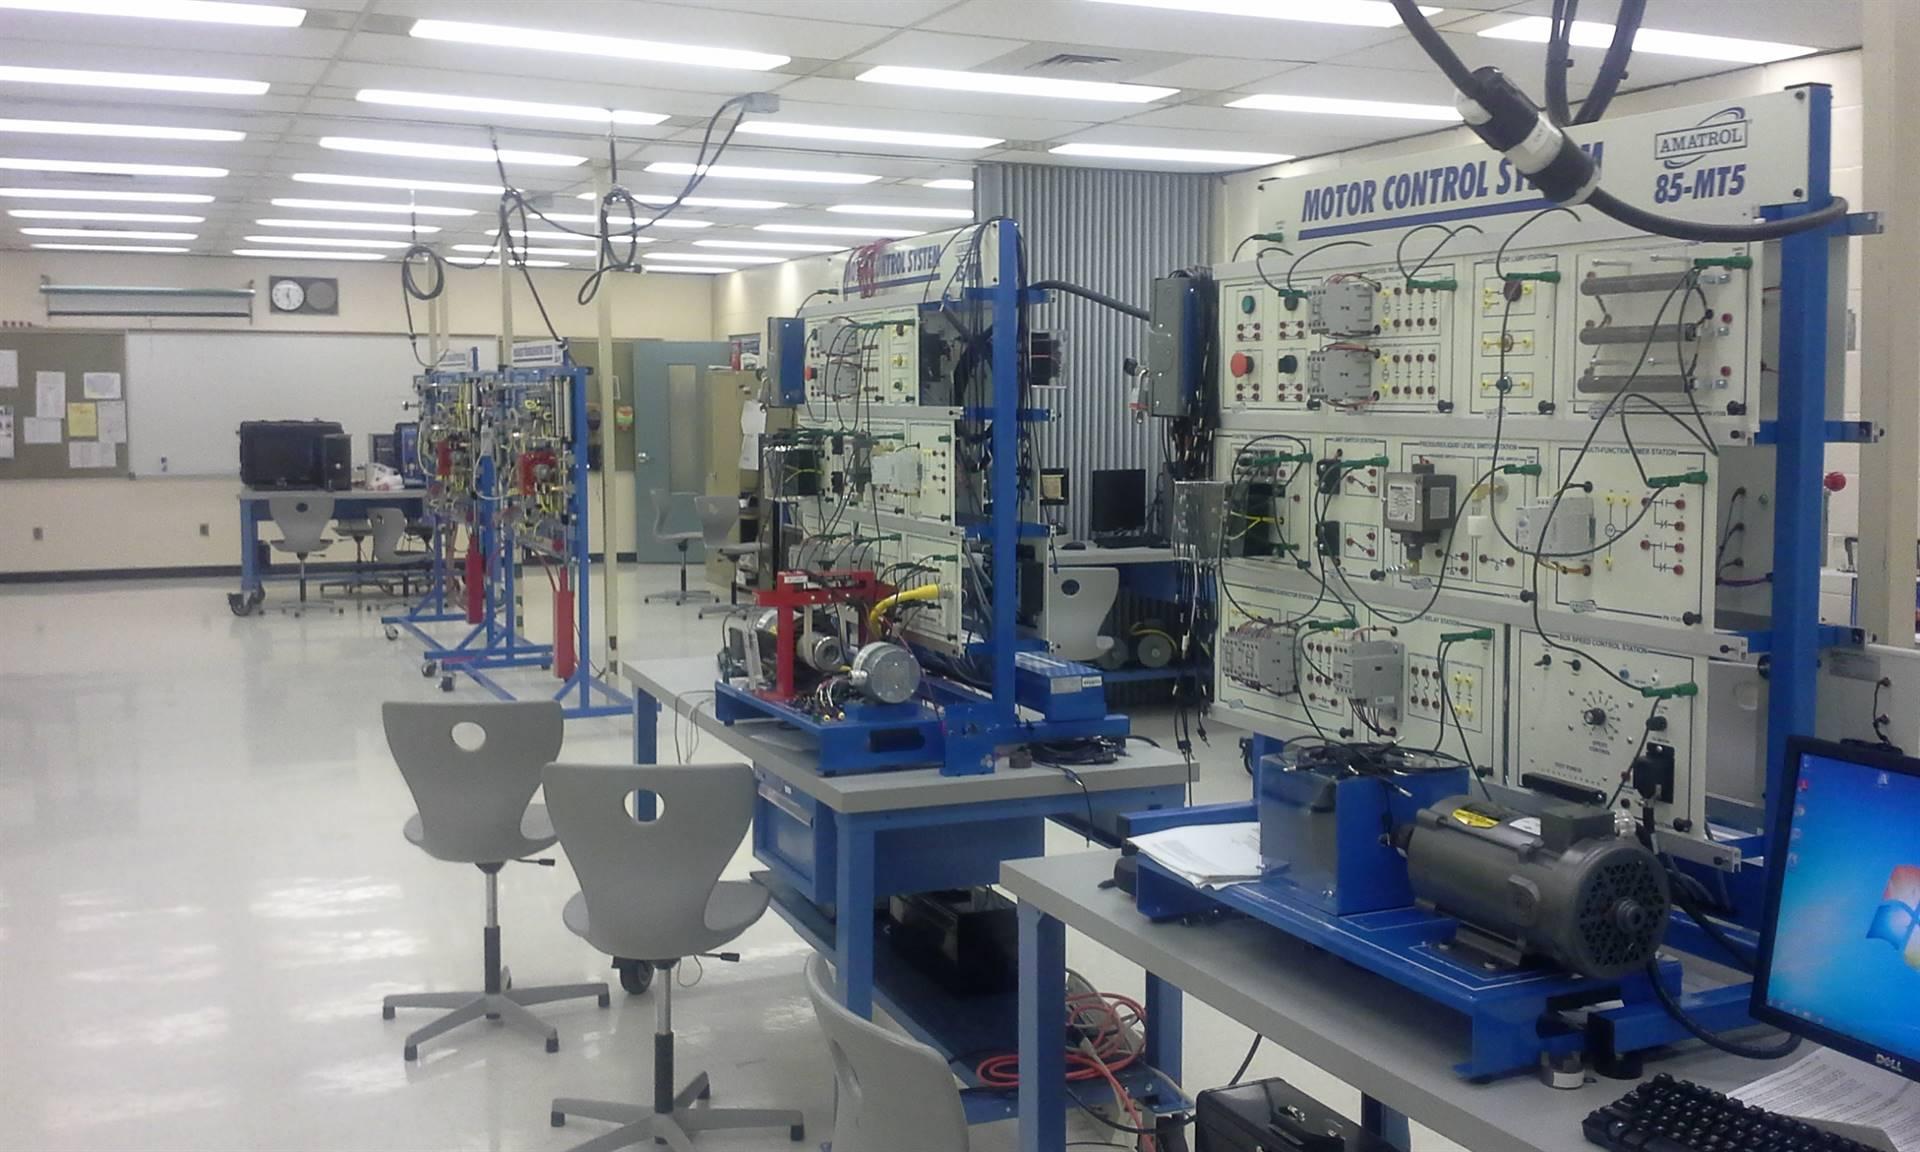 IMPAC Motor Control